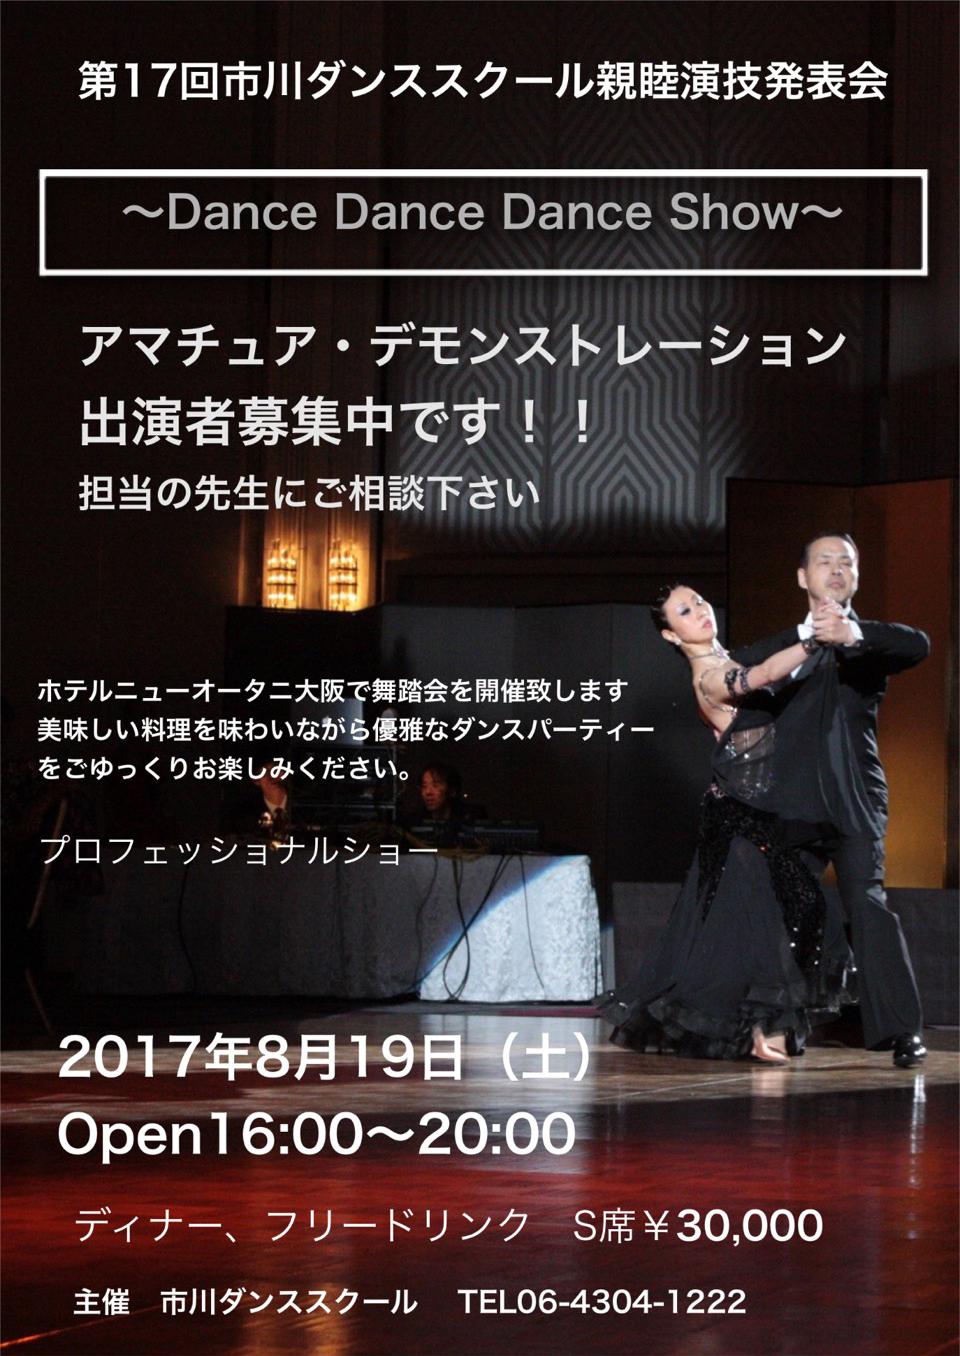 第17回 市川ダンススクール 親睦演技発表会